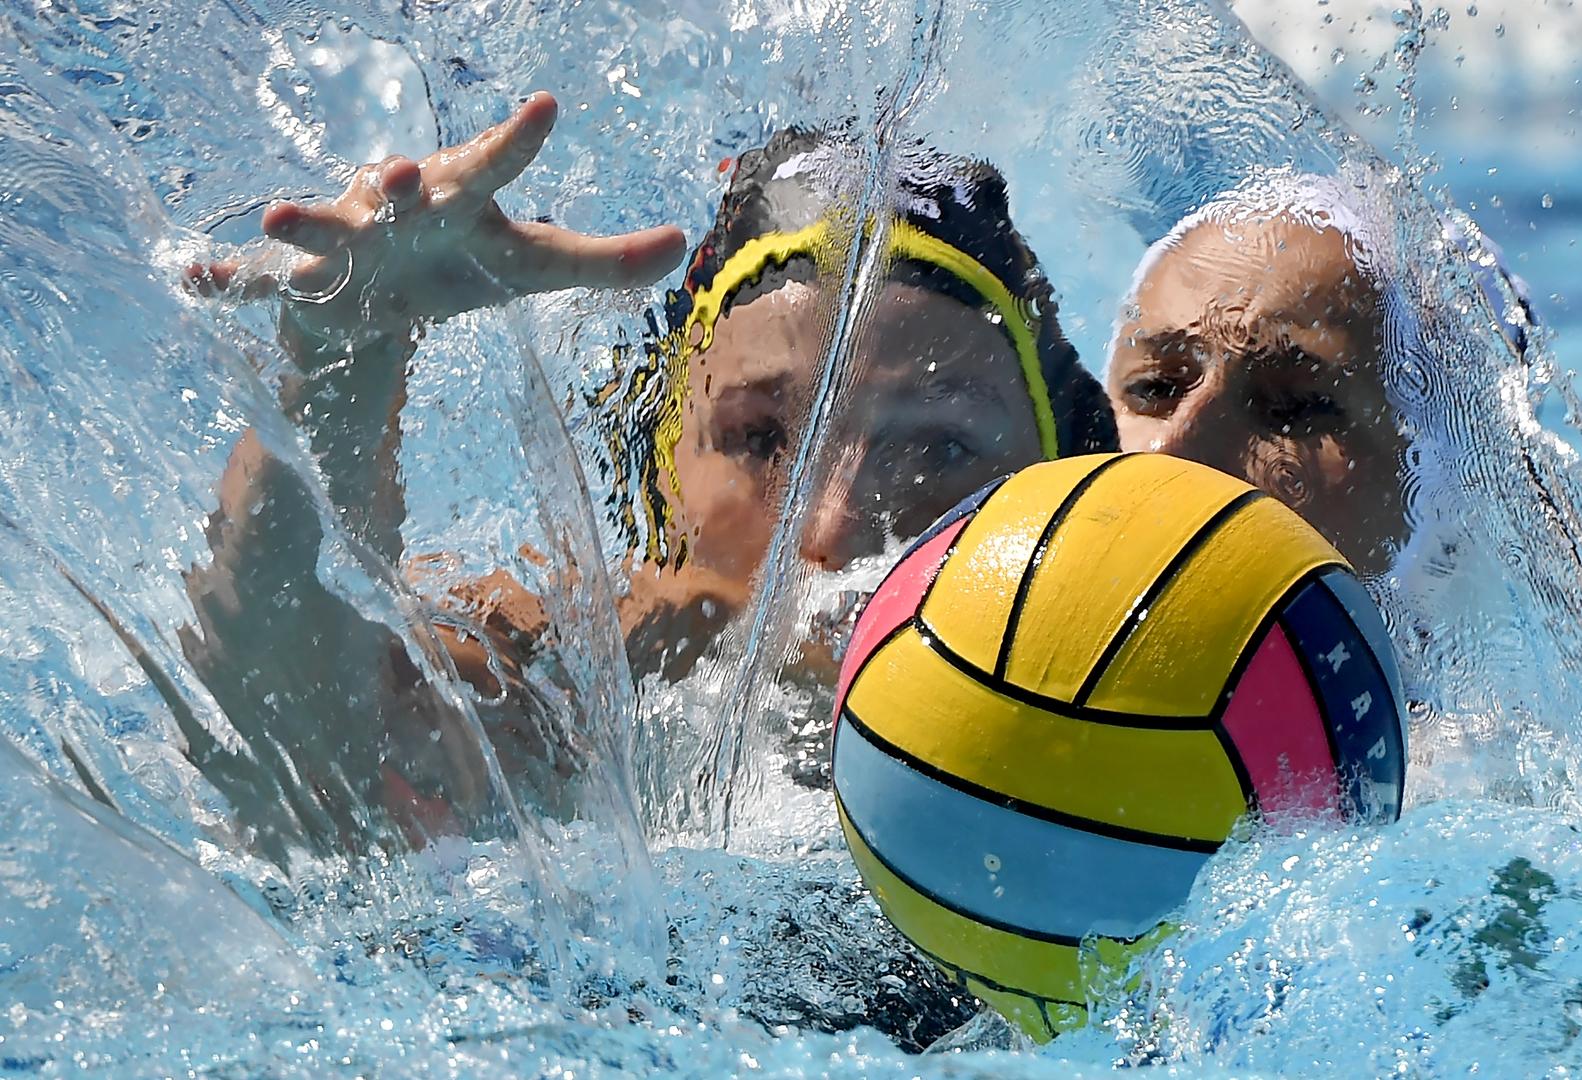 Sport (egyedi)<br />3. díj: Illyés Tibor (MTI/MTVA): Vízfüggöny mögött<br /><br />Fotó: Csabai Dóra (j) és a német Sophia Eggert a barcelonai vízilabda Európa-bajnokság női tornájának csoportkörében játszott Magyarország - Németország mérkőzésen 2018. július 21-én.